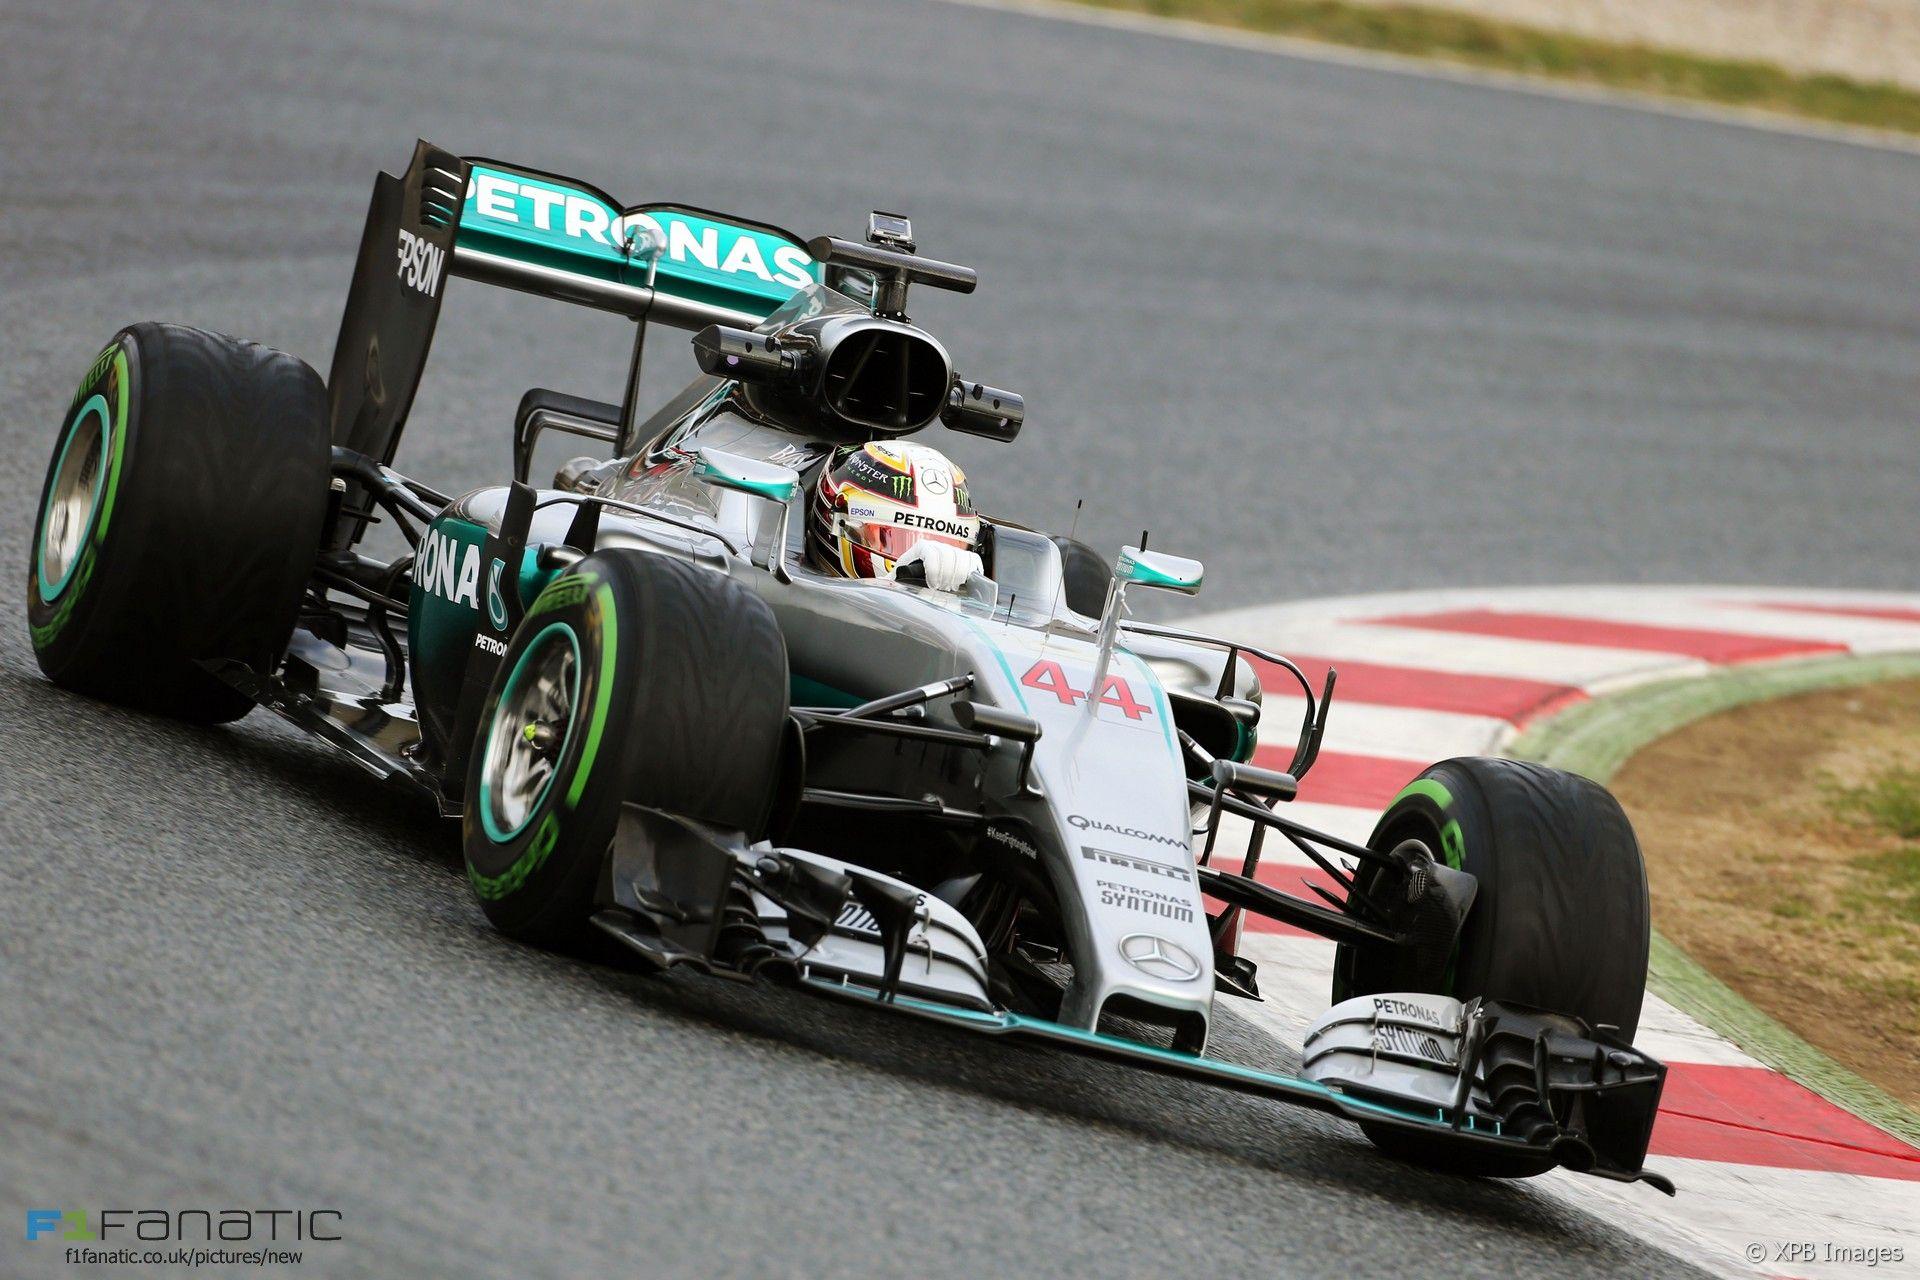 Lewis Hamilton, Mercedes W07, Circuit de Catalunya, 2016